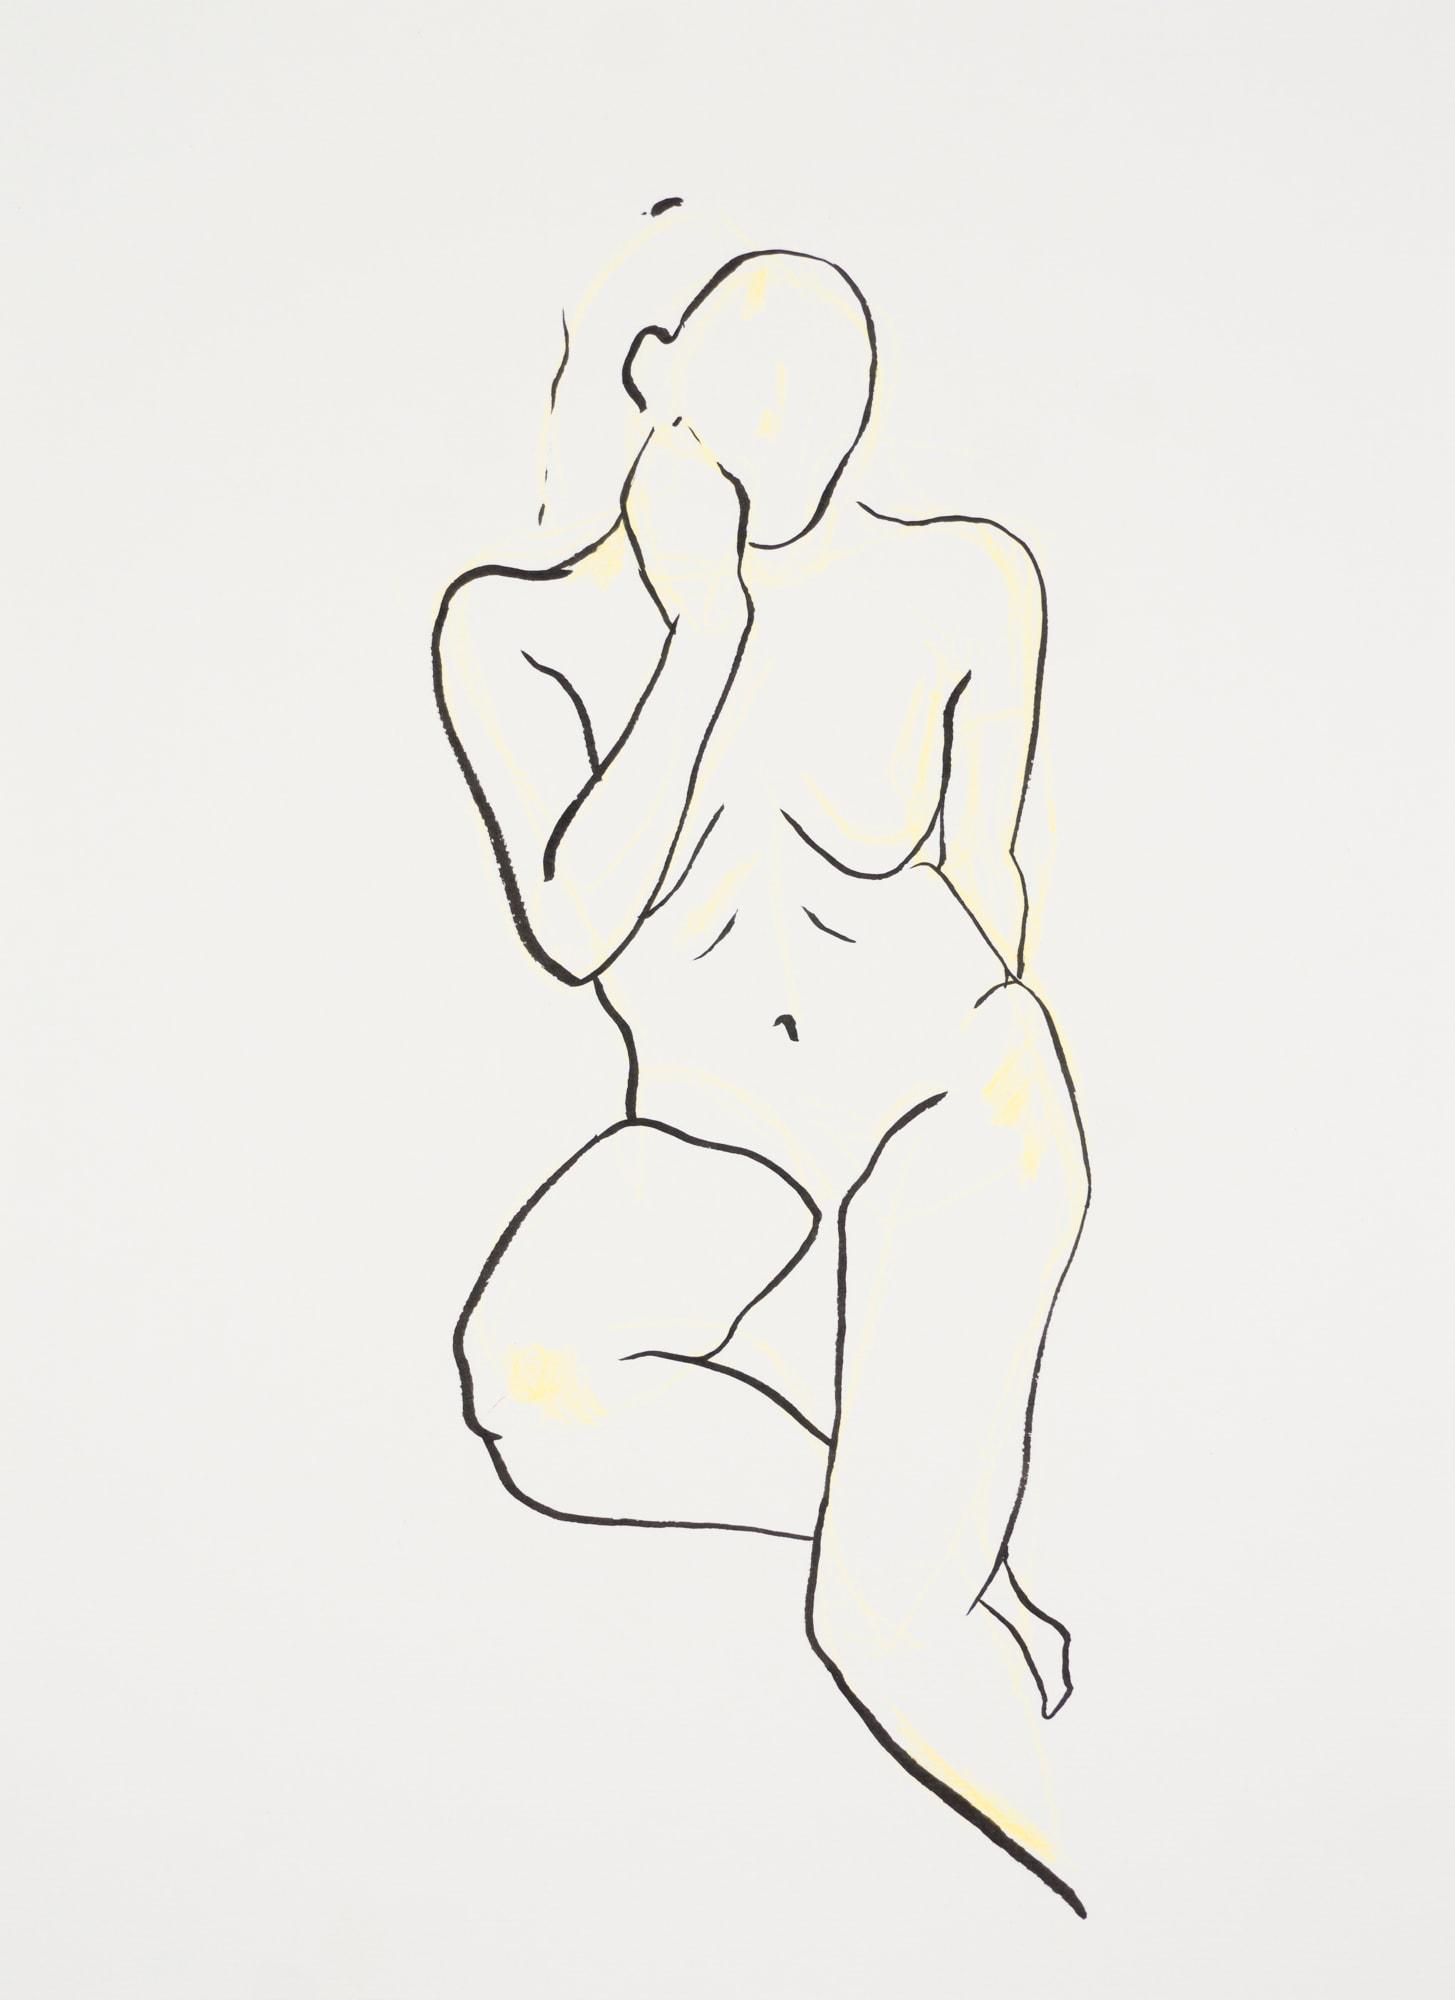 Zeichnung, Farbstift und Tusche auf Papier, 29,7x40,6cm, Frauenakt, Künstlerin: Franziska King